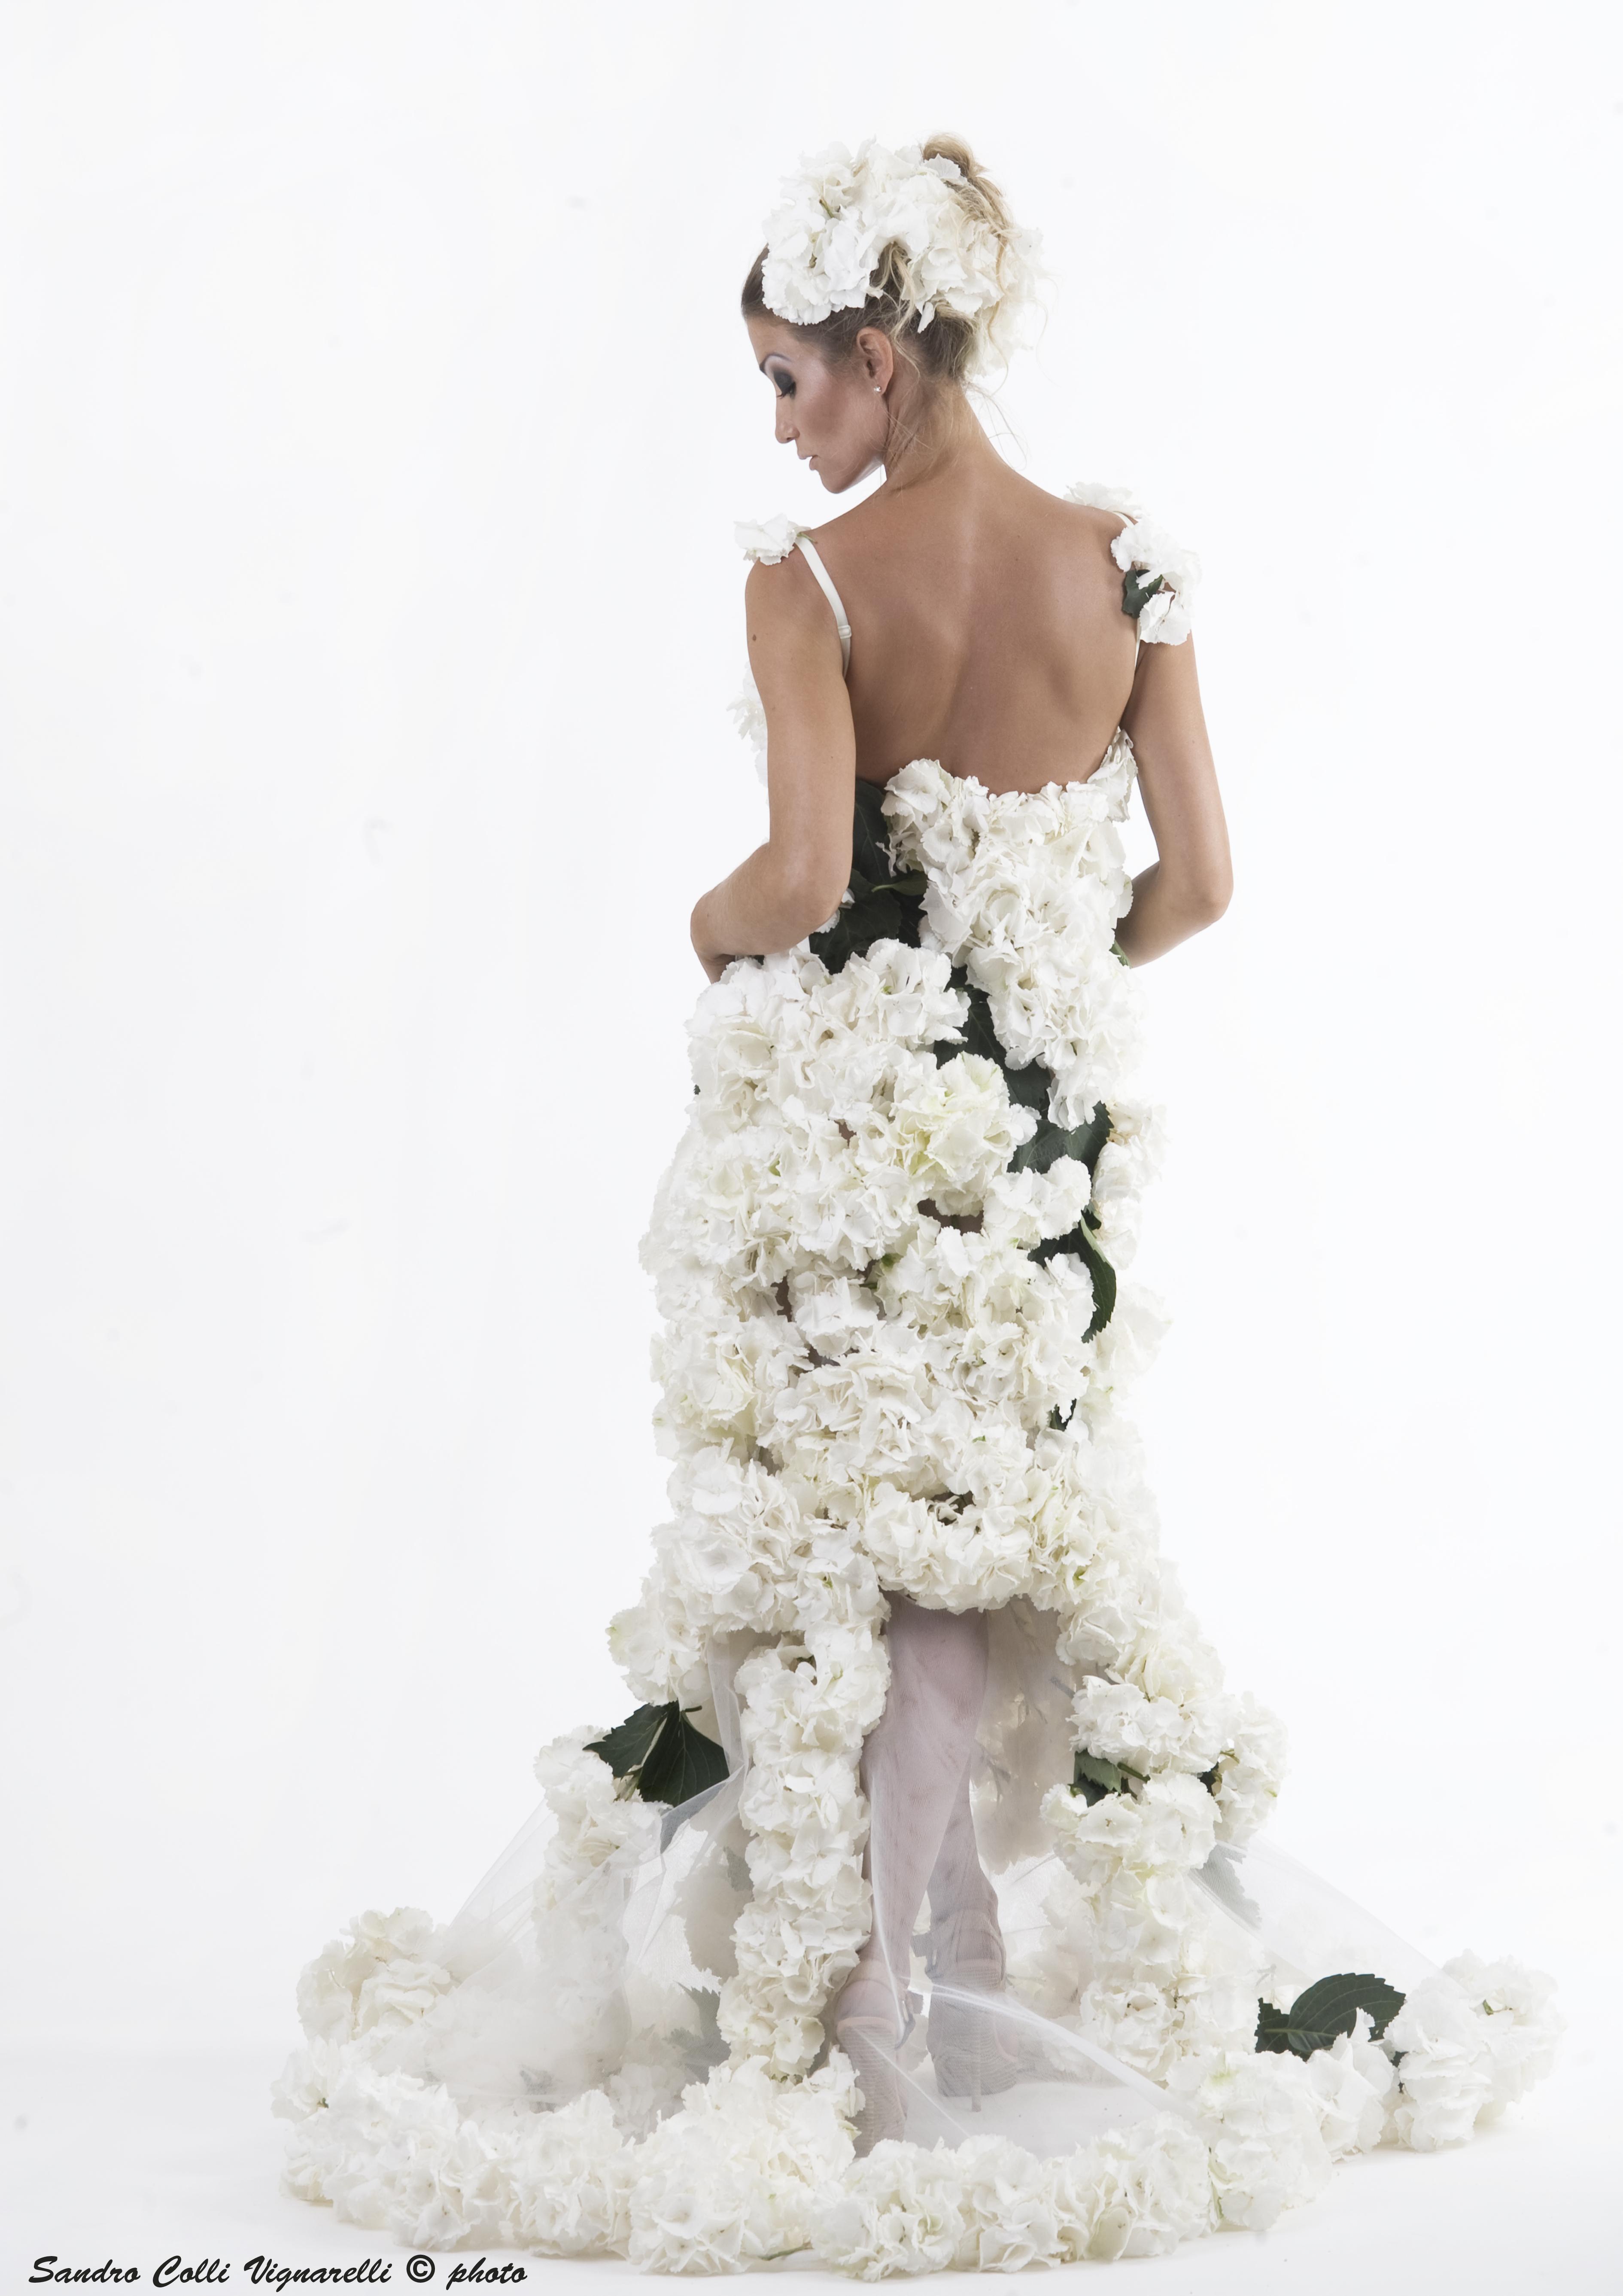 Particolare di abito da sposa con vere ortensie, scollo dietro